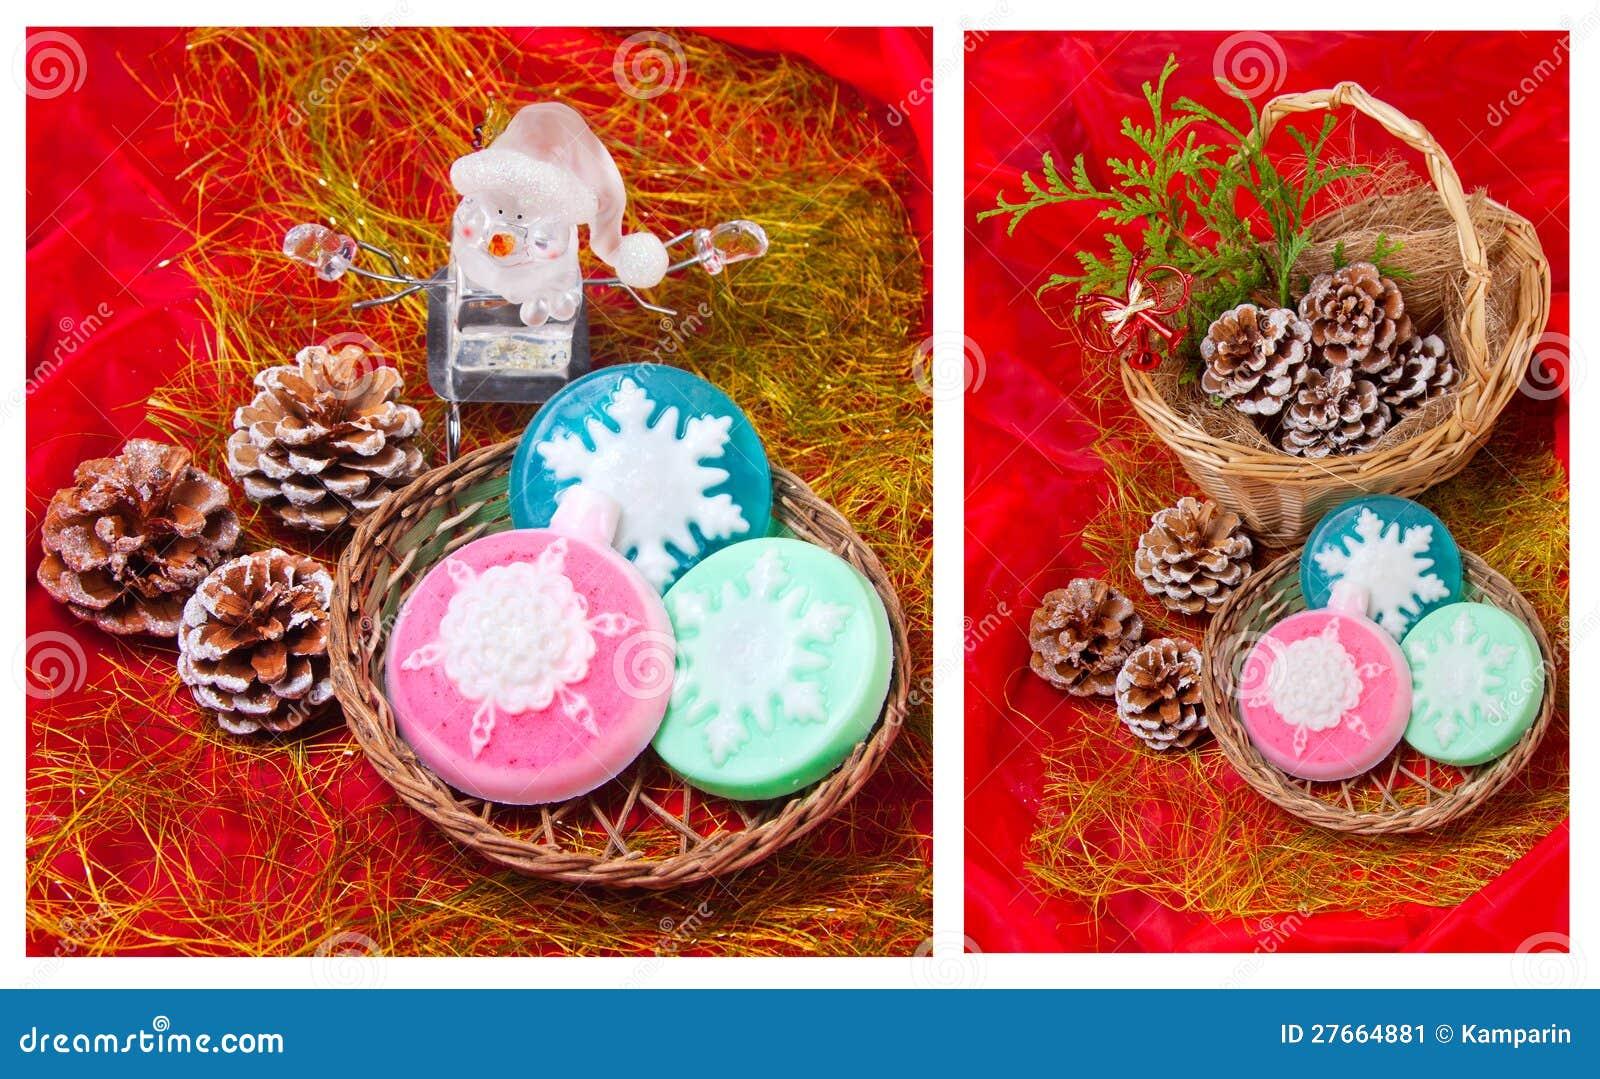 Weihnachtscollage Mit Schneeflocken - Seife Stockbild - Bild von ...